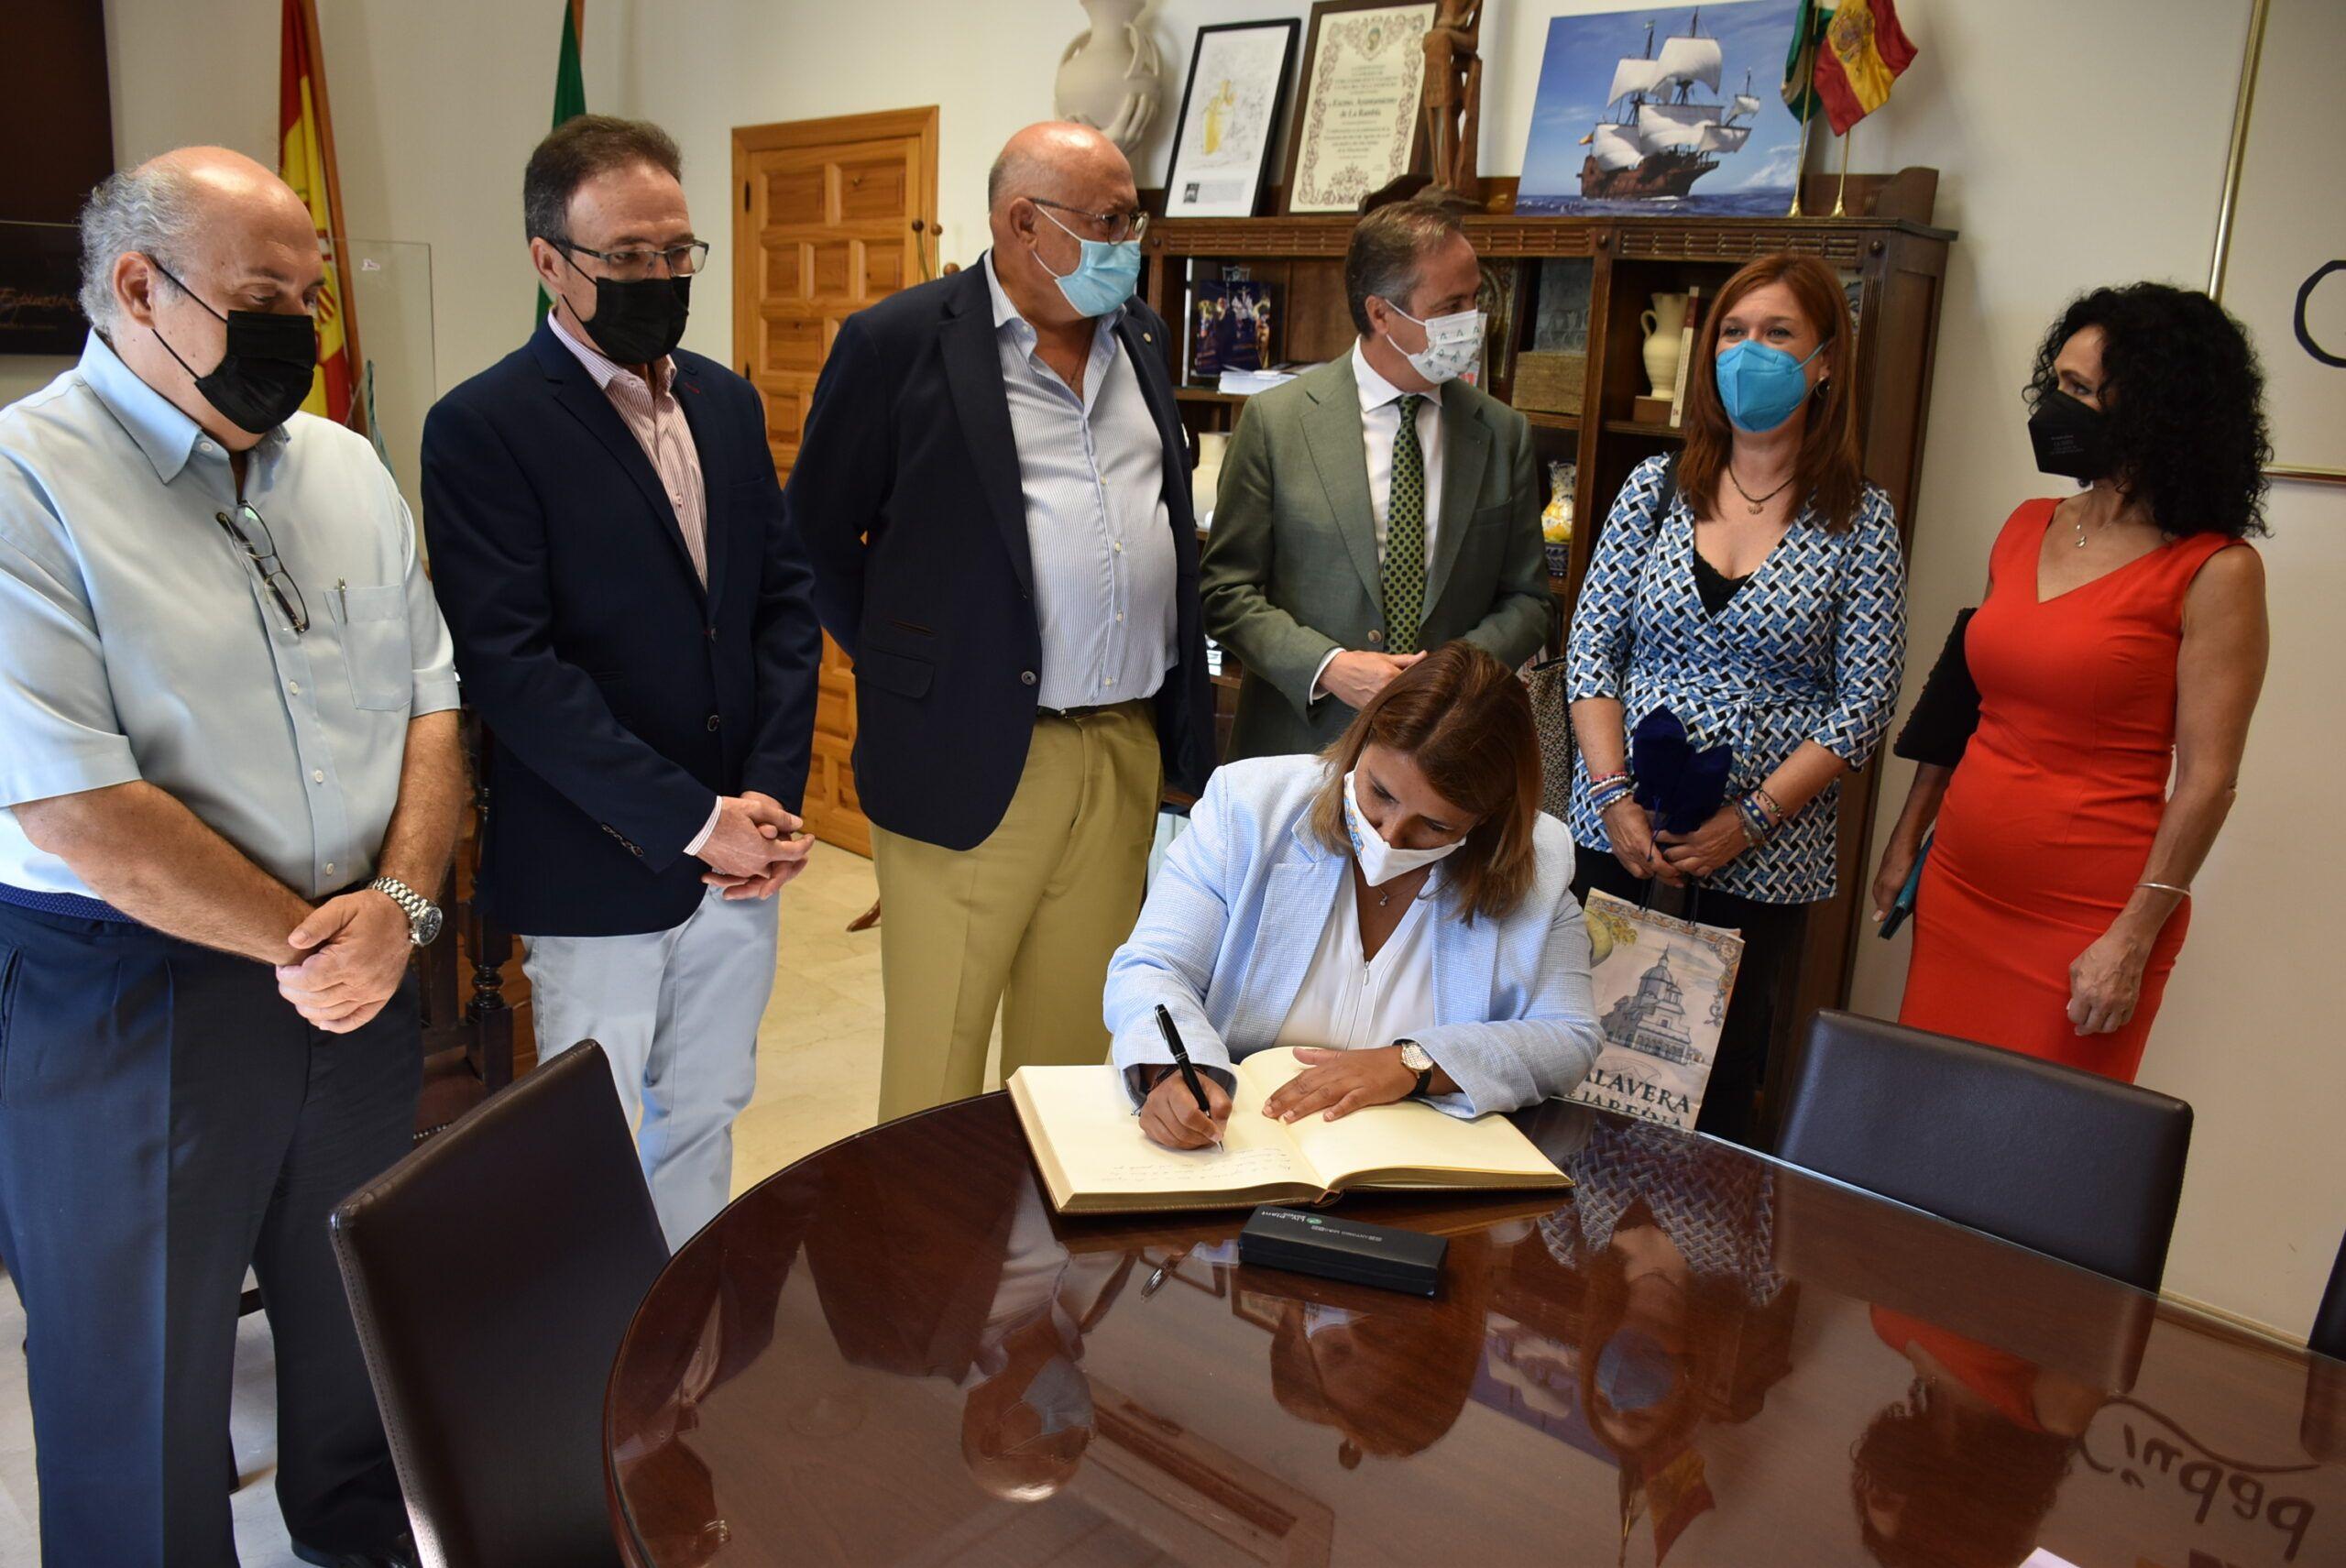 Tita García Élez saca la cerámica fuera de Talavera para potenciar su identidad y fortalecer vínculos 'hermanos' de la mano del sector artesano